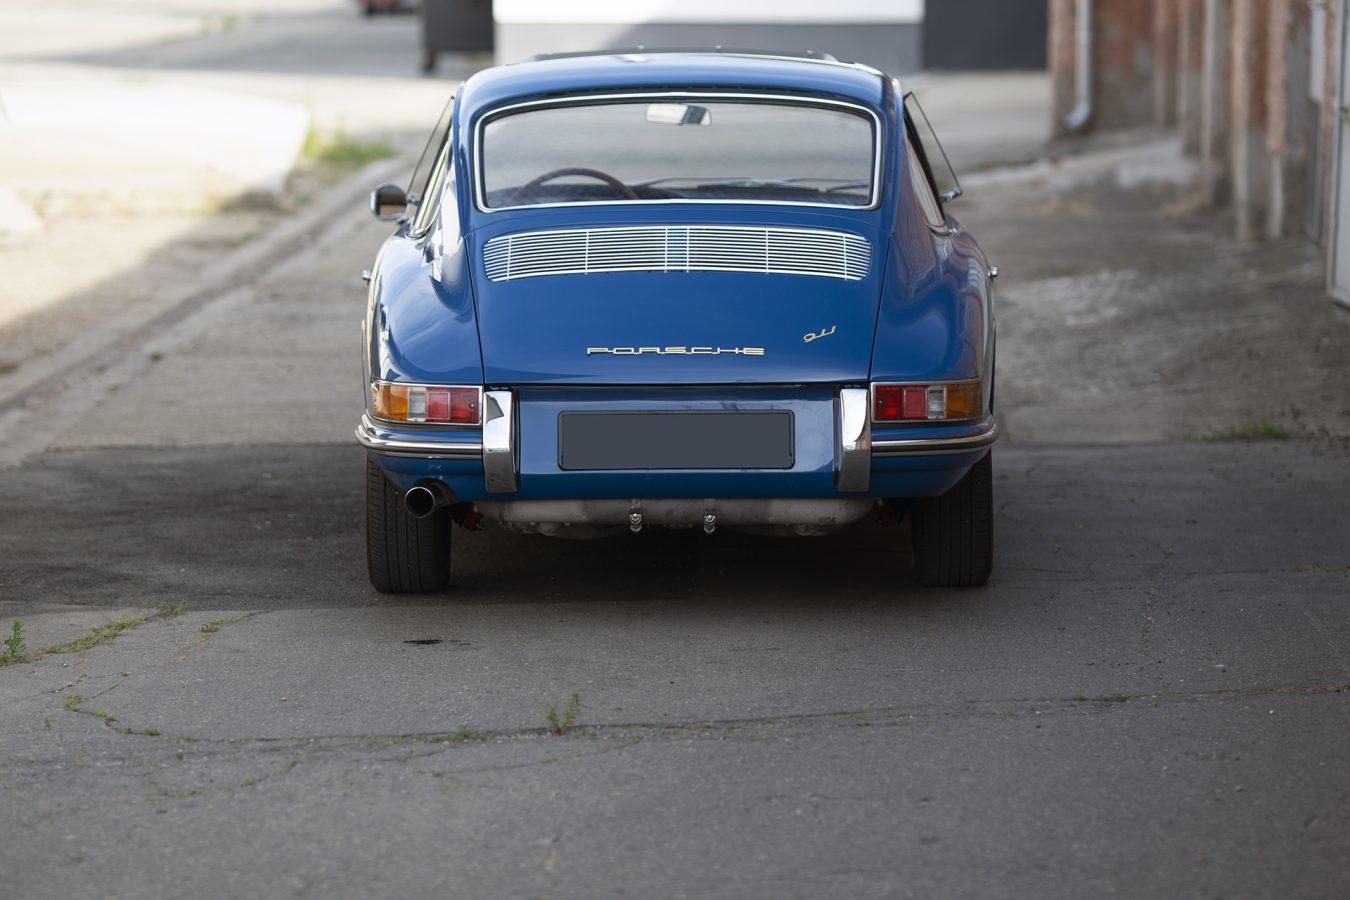 Metallic Blauer Porsche 911 von hinten